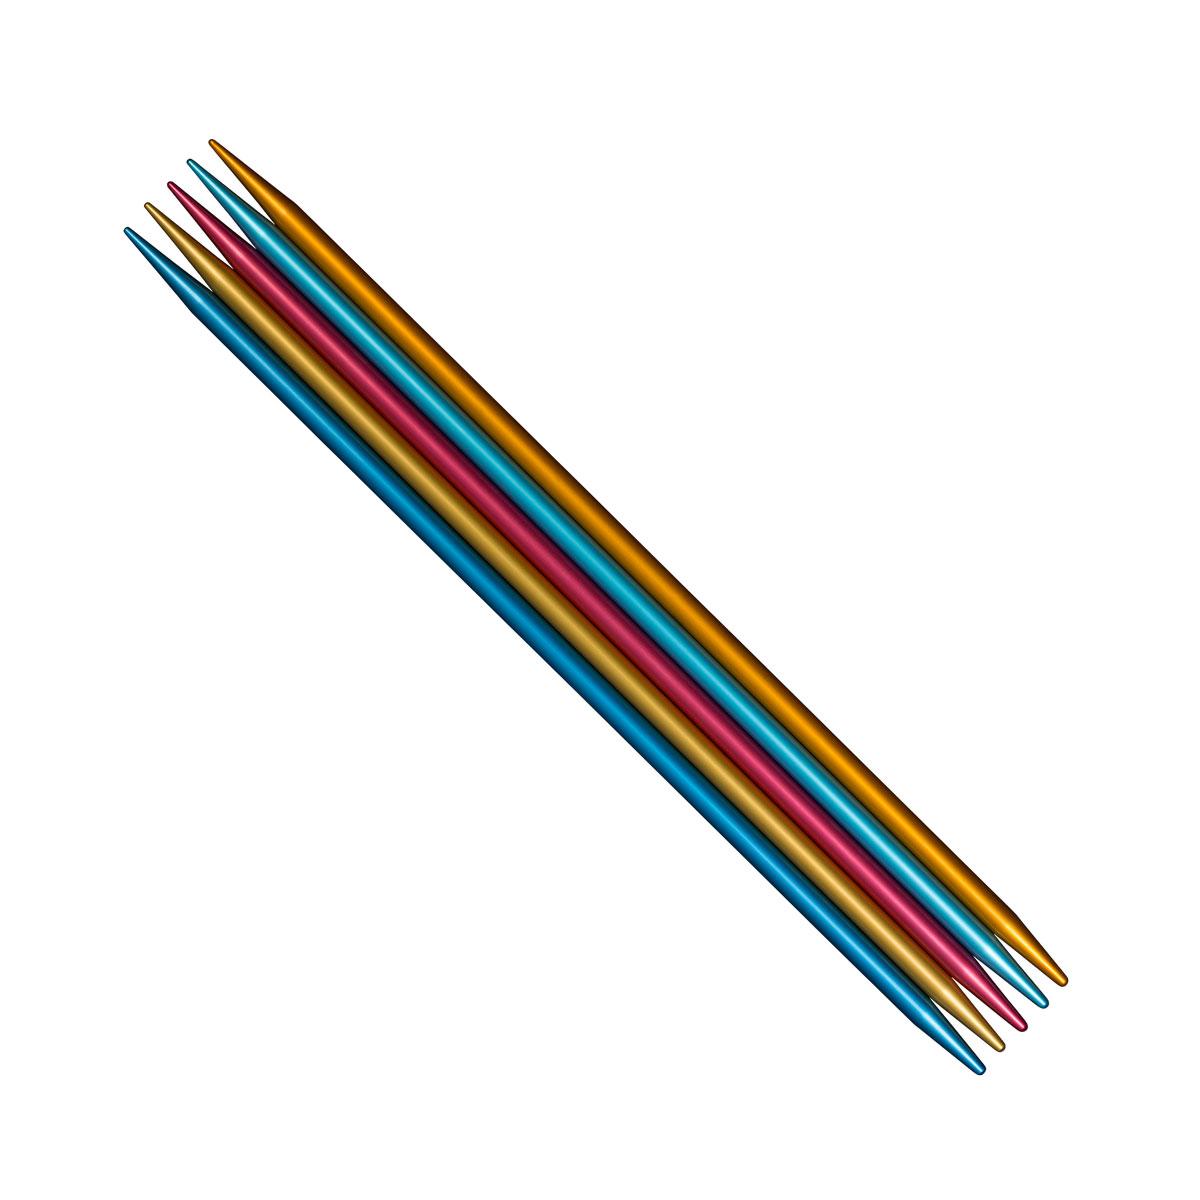 ADDI Спицы, чулочные, сверхлегкие Colibri, №6, 23 см, 5 шт204-7/6-23Спицы Colibris имеют отличительный цвет и структуру. За счет полого и легкого материала руки при вязании практически не устают, что особенно важно при вязании спицами толстых размеров. Внешняя поверхность спиц особенно гладкая, а ощущения от вязания самые комфортные, так как материал быстро принимает тепло рук. Полное отсутствие соединений, либо каких-то плохо обработанных кончиков, как на пластике. Каждая спица блестит за счет своей анодированной пестрой поверхности, что особенно нравится молодой аудитории. Яркий цвет часто является козырем, как и в пряже для ручного вязания. Защищенная патентом технология чулочной спицы имеет неоспоримое преимущество. Потребитель приобретает продукт, у которого две различные функции, так как это две спицы с коротким и длинным кончиком одновременно. Комплекты толщиной от 5,5 мм имеют 23 см длинны вместо 20 см, что является неоспоримым преимуществом при работе с более толстой пряжей, которая обычно занимает много места на спице.